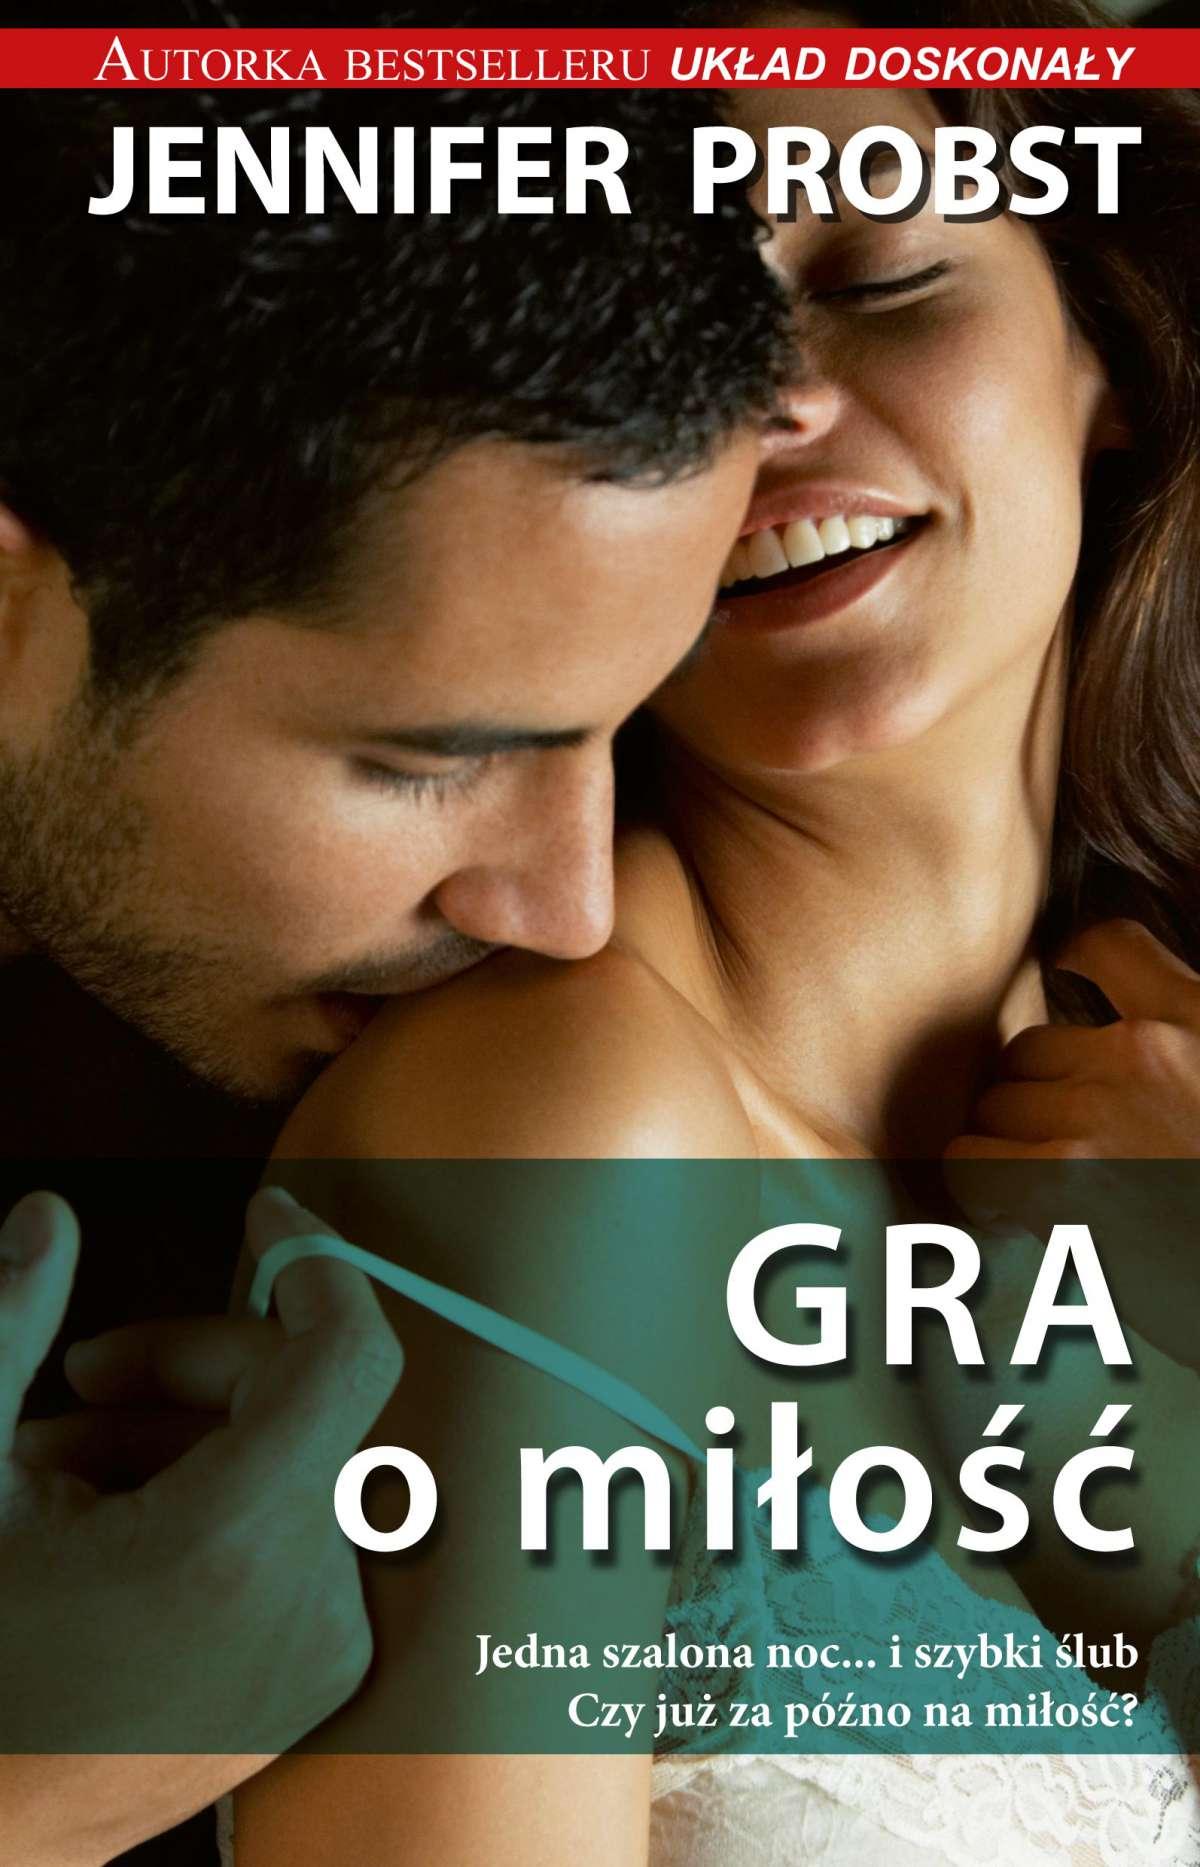 Gra o miłość - Ebook (Książka na Kindle) do pobrania w formacie MOBI